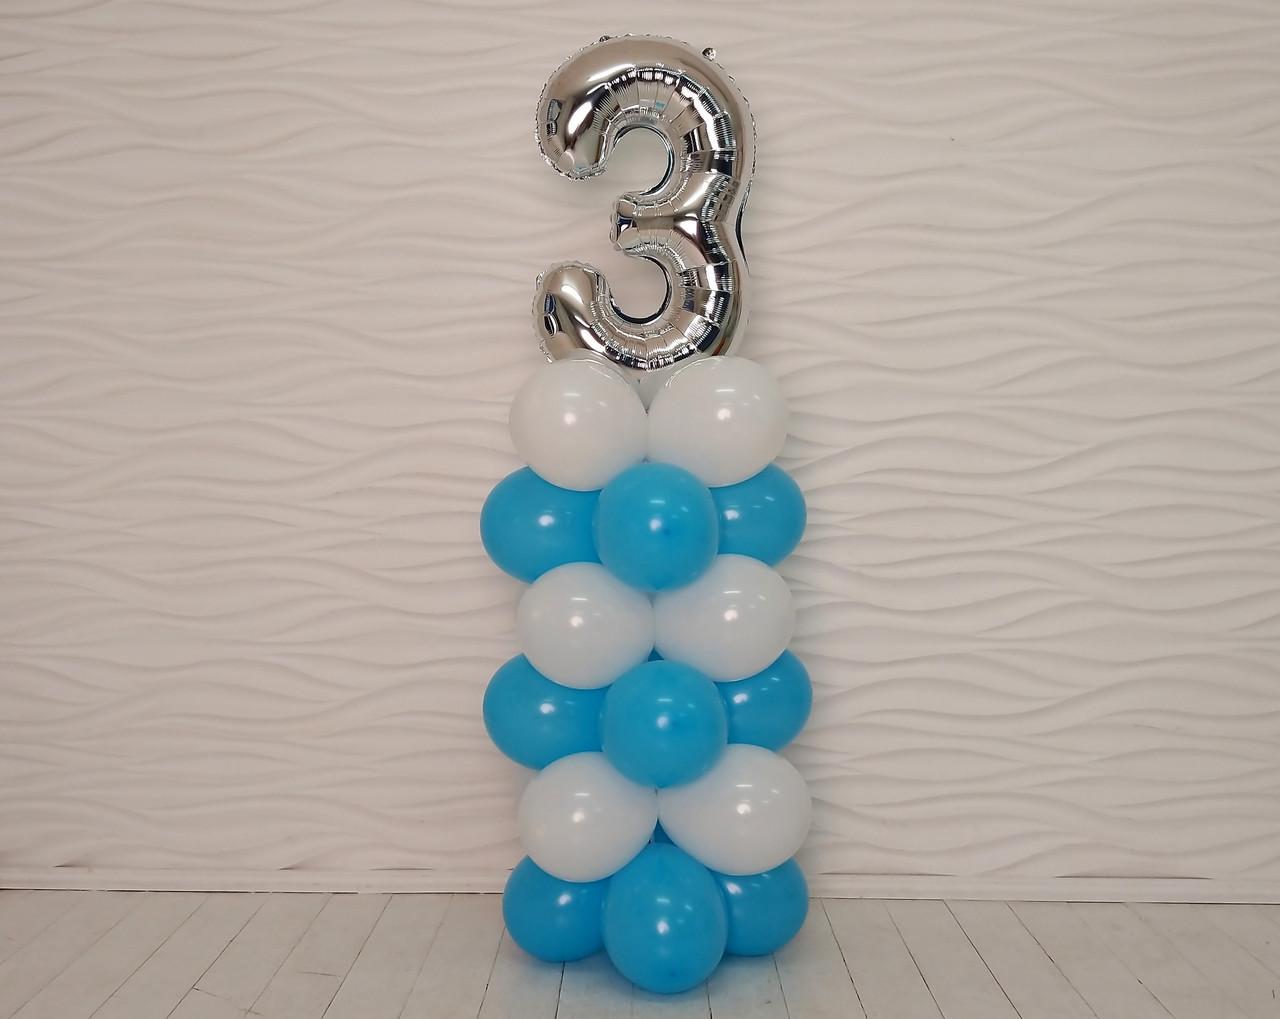 """Композиция с воздушных шариков """"Стойка с цифрой """"3"""" бело-голубая на день рождения мальчику"""